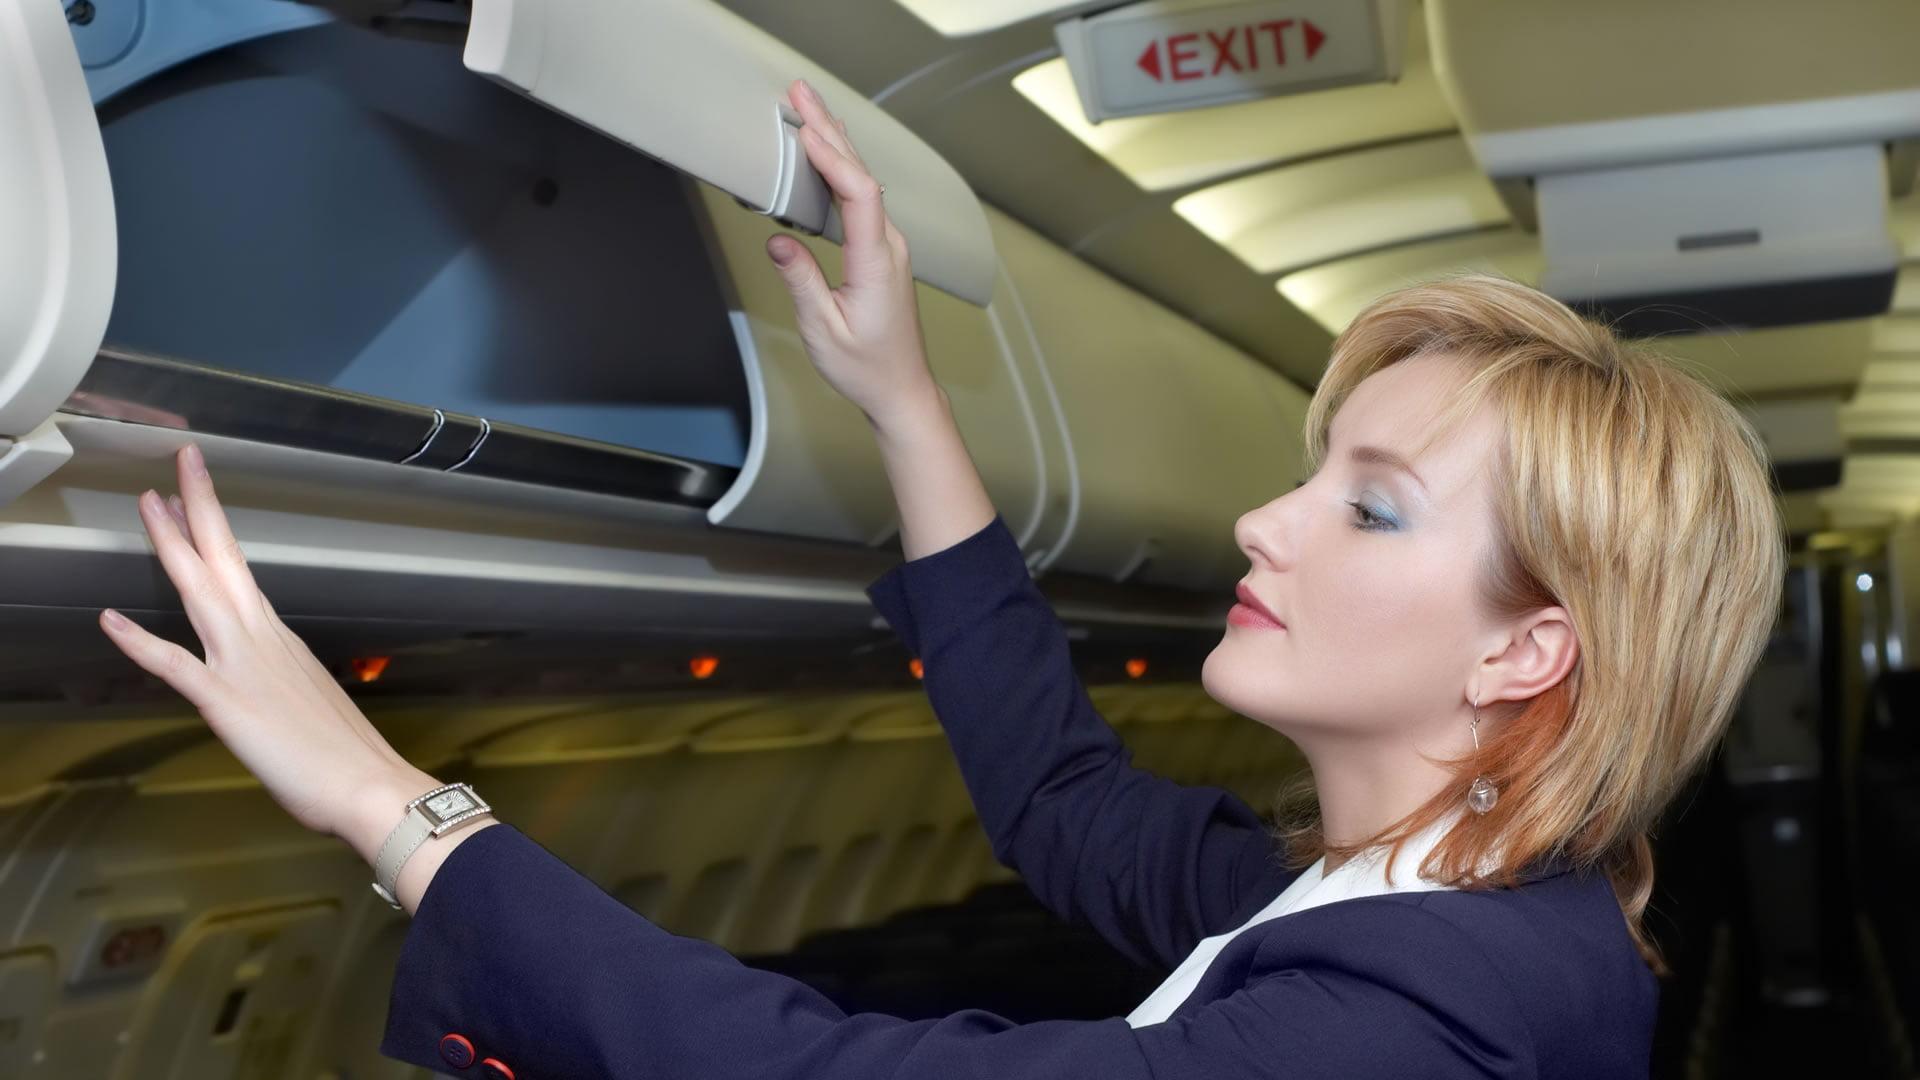 Medidas Y Tama O De La Maleta En Ryanair